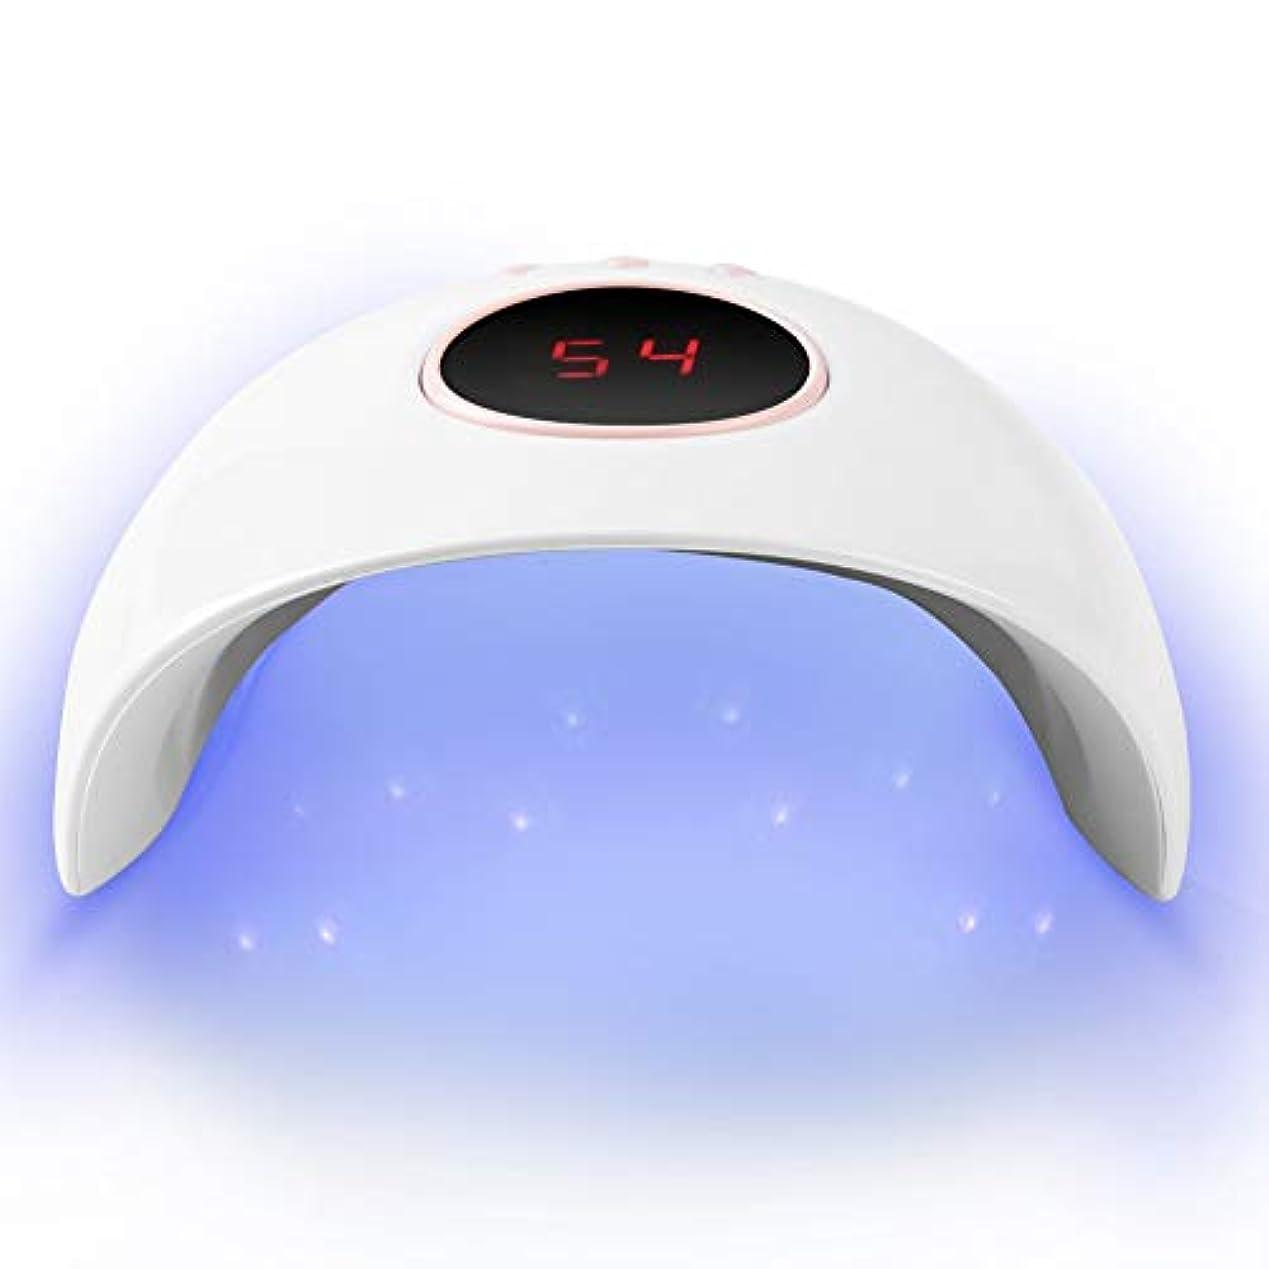 ハッピー繁栄するそうでなければネイルドライヤー 硬化用UVライト 24W 収納便利 UV&LED 365+405mmライト ネイルランプ タイマー ジェルネイル用